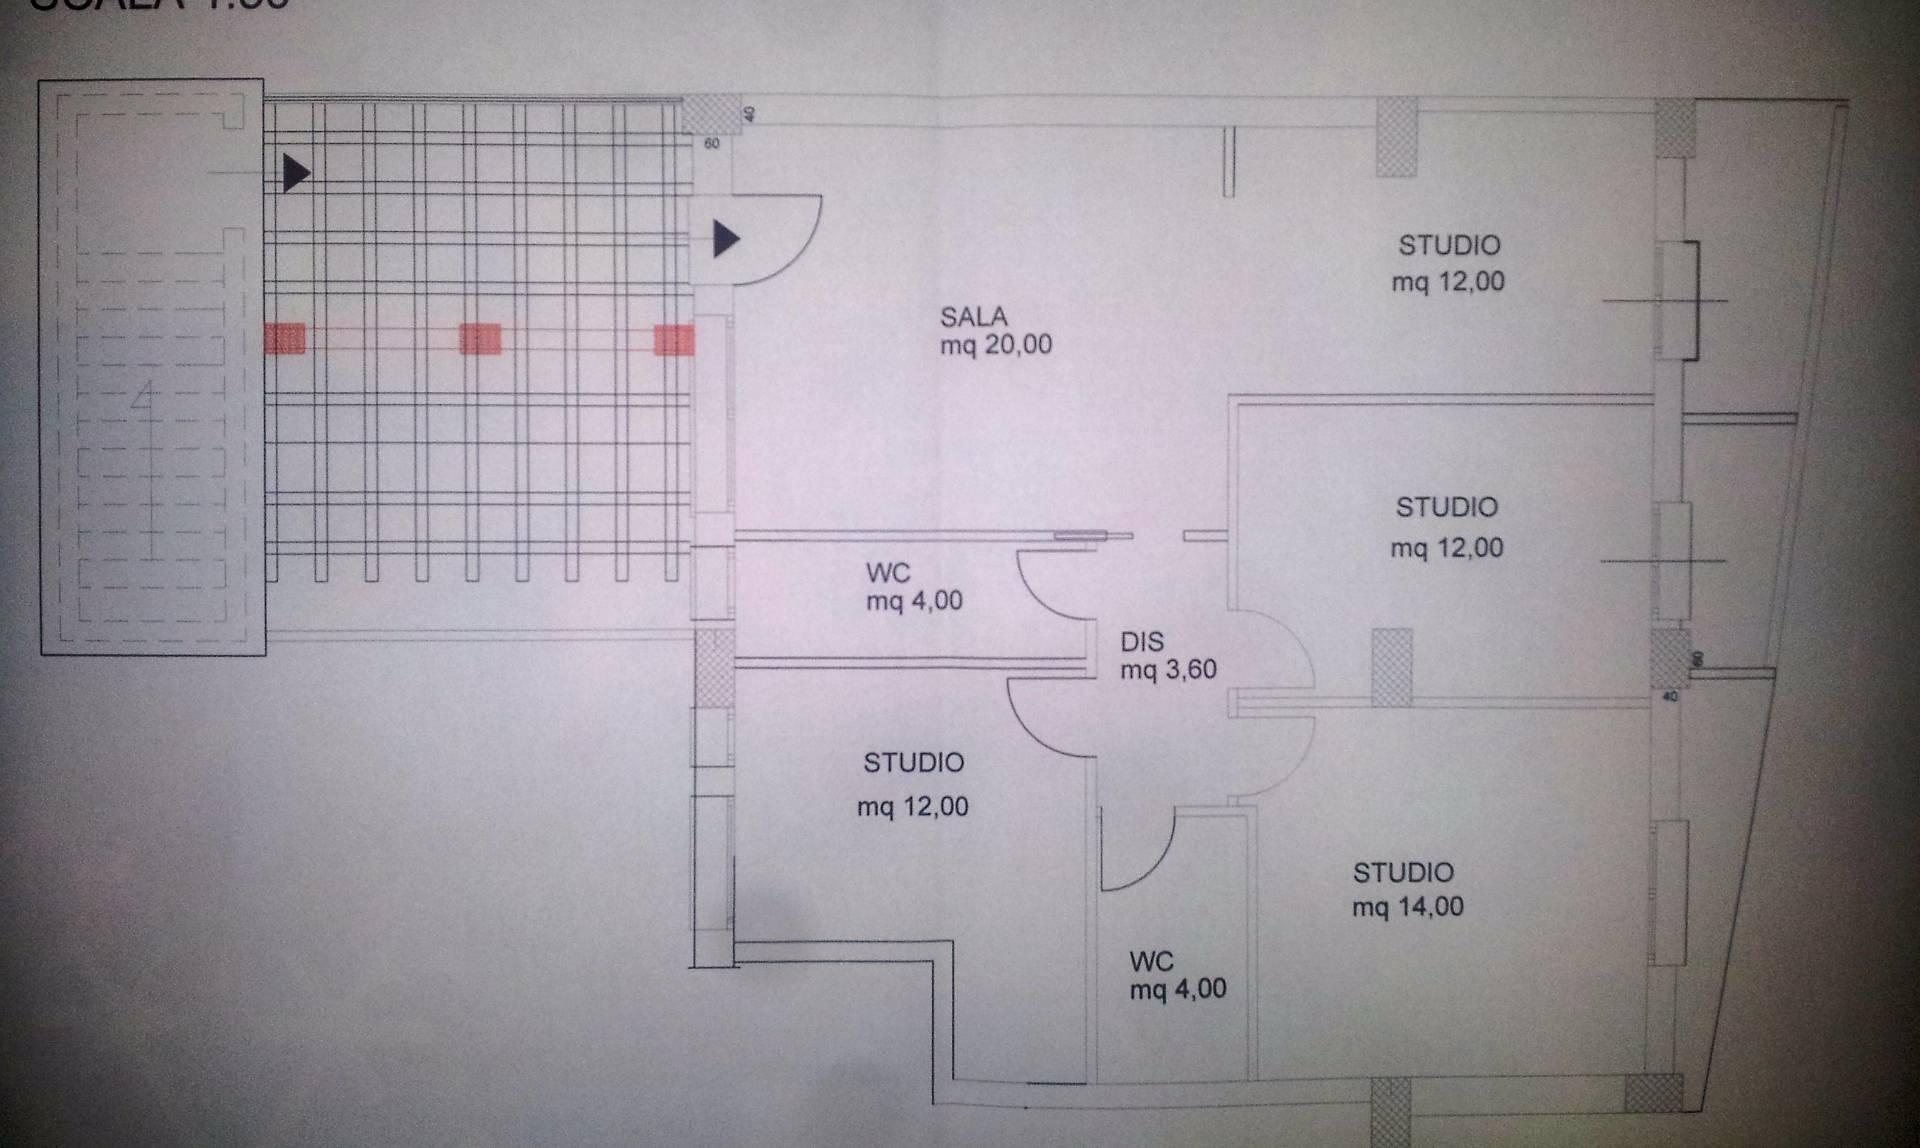 Ufficio / Studio in affitto a Cosenza, 9999 locali, zona Località: VialeMancini, prezzo € 500 | Cambio Casa.it